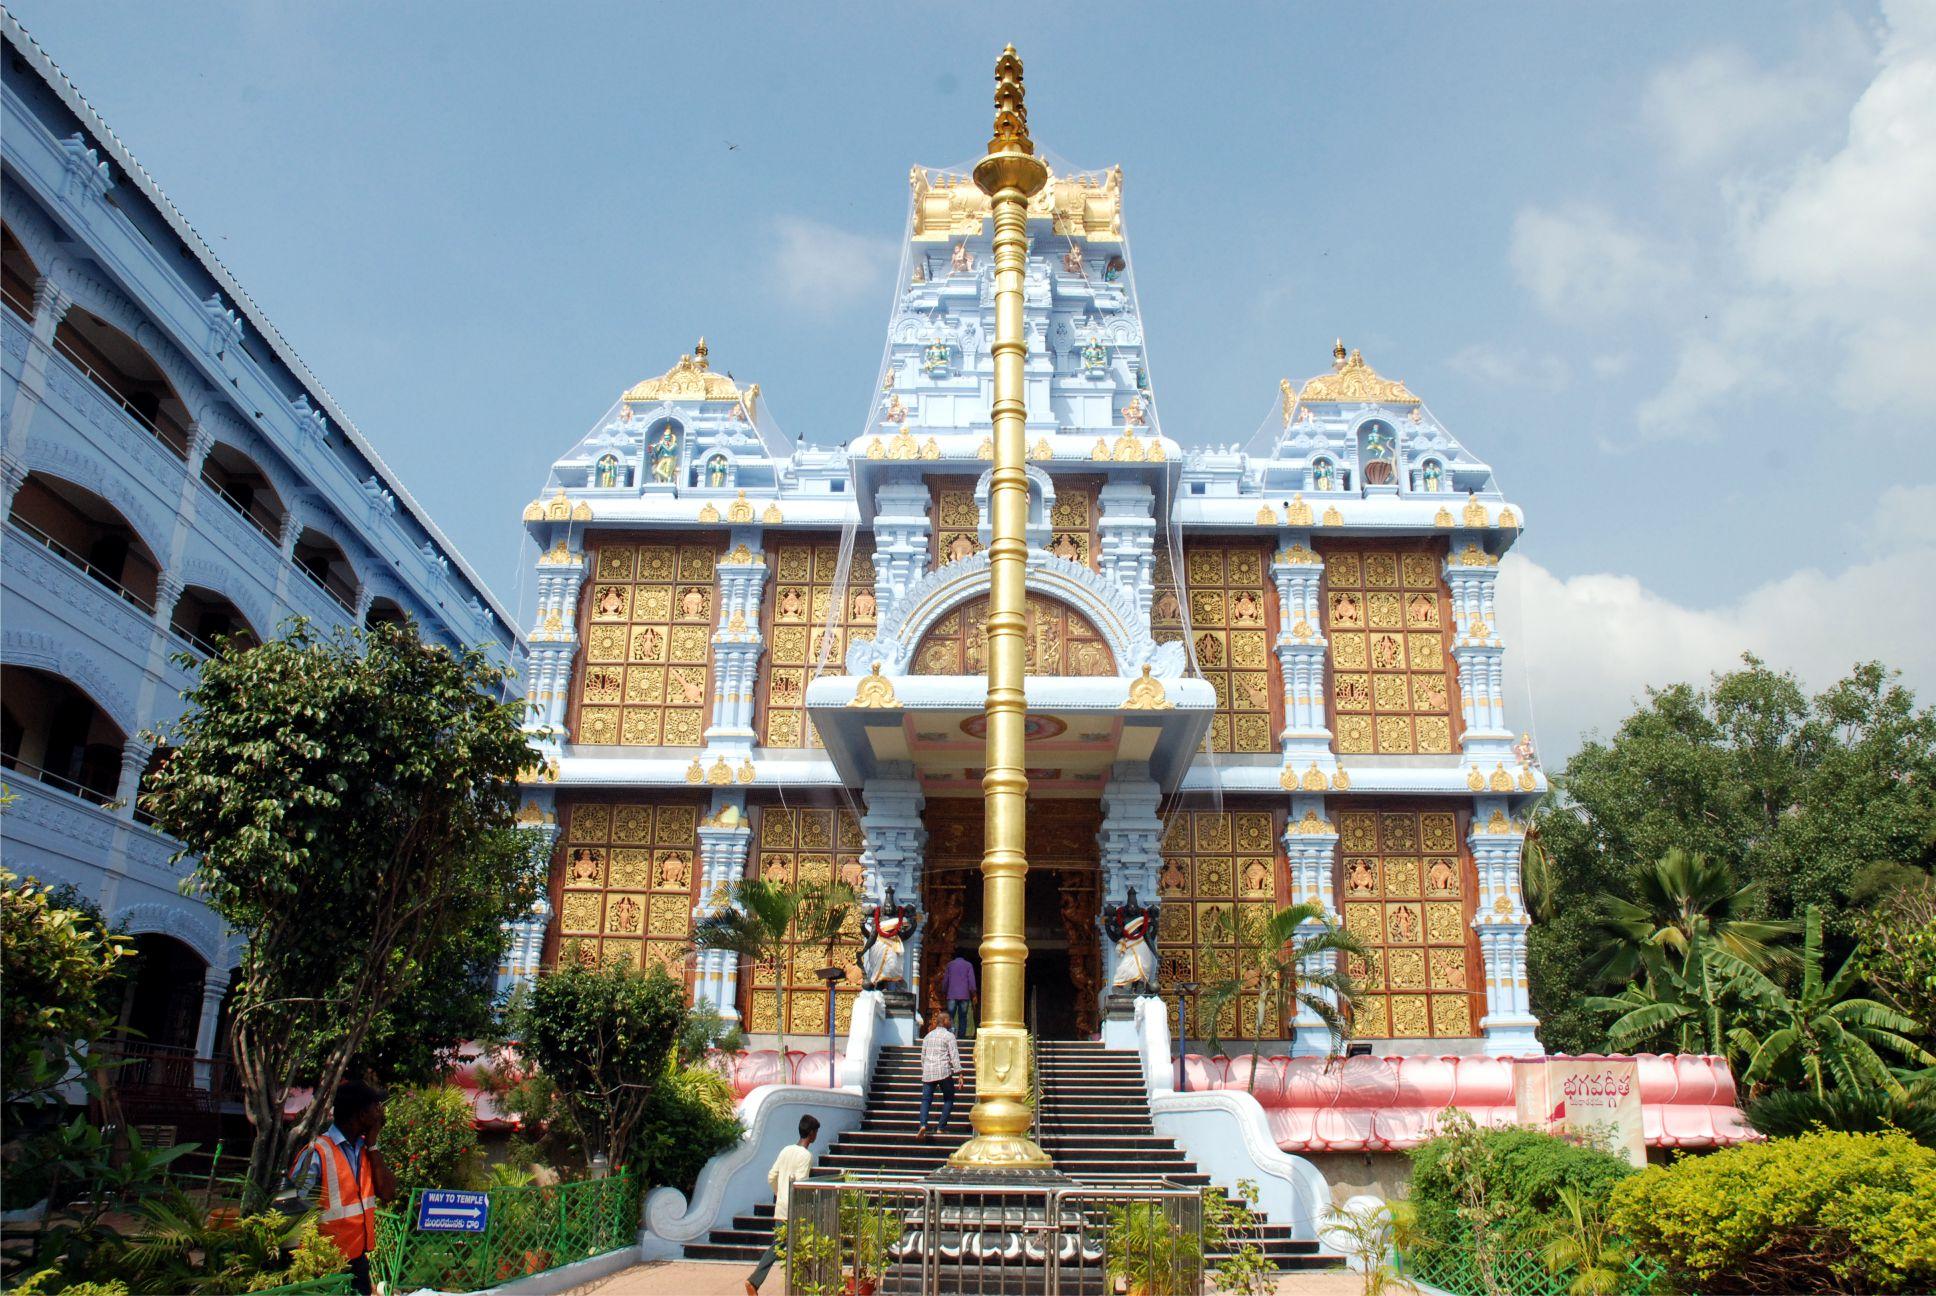 A templomépület keleti homlokzata a főbejárattal